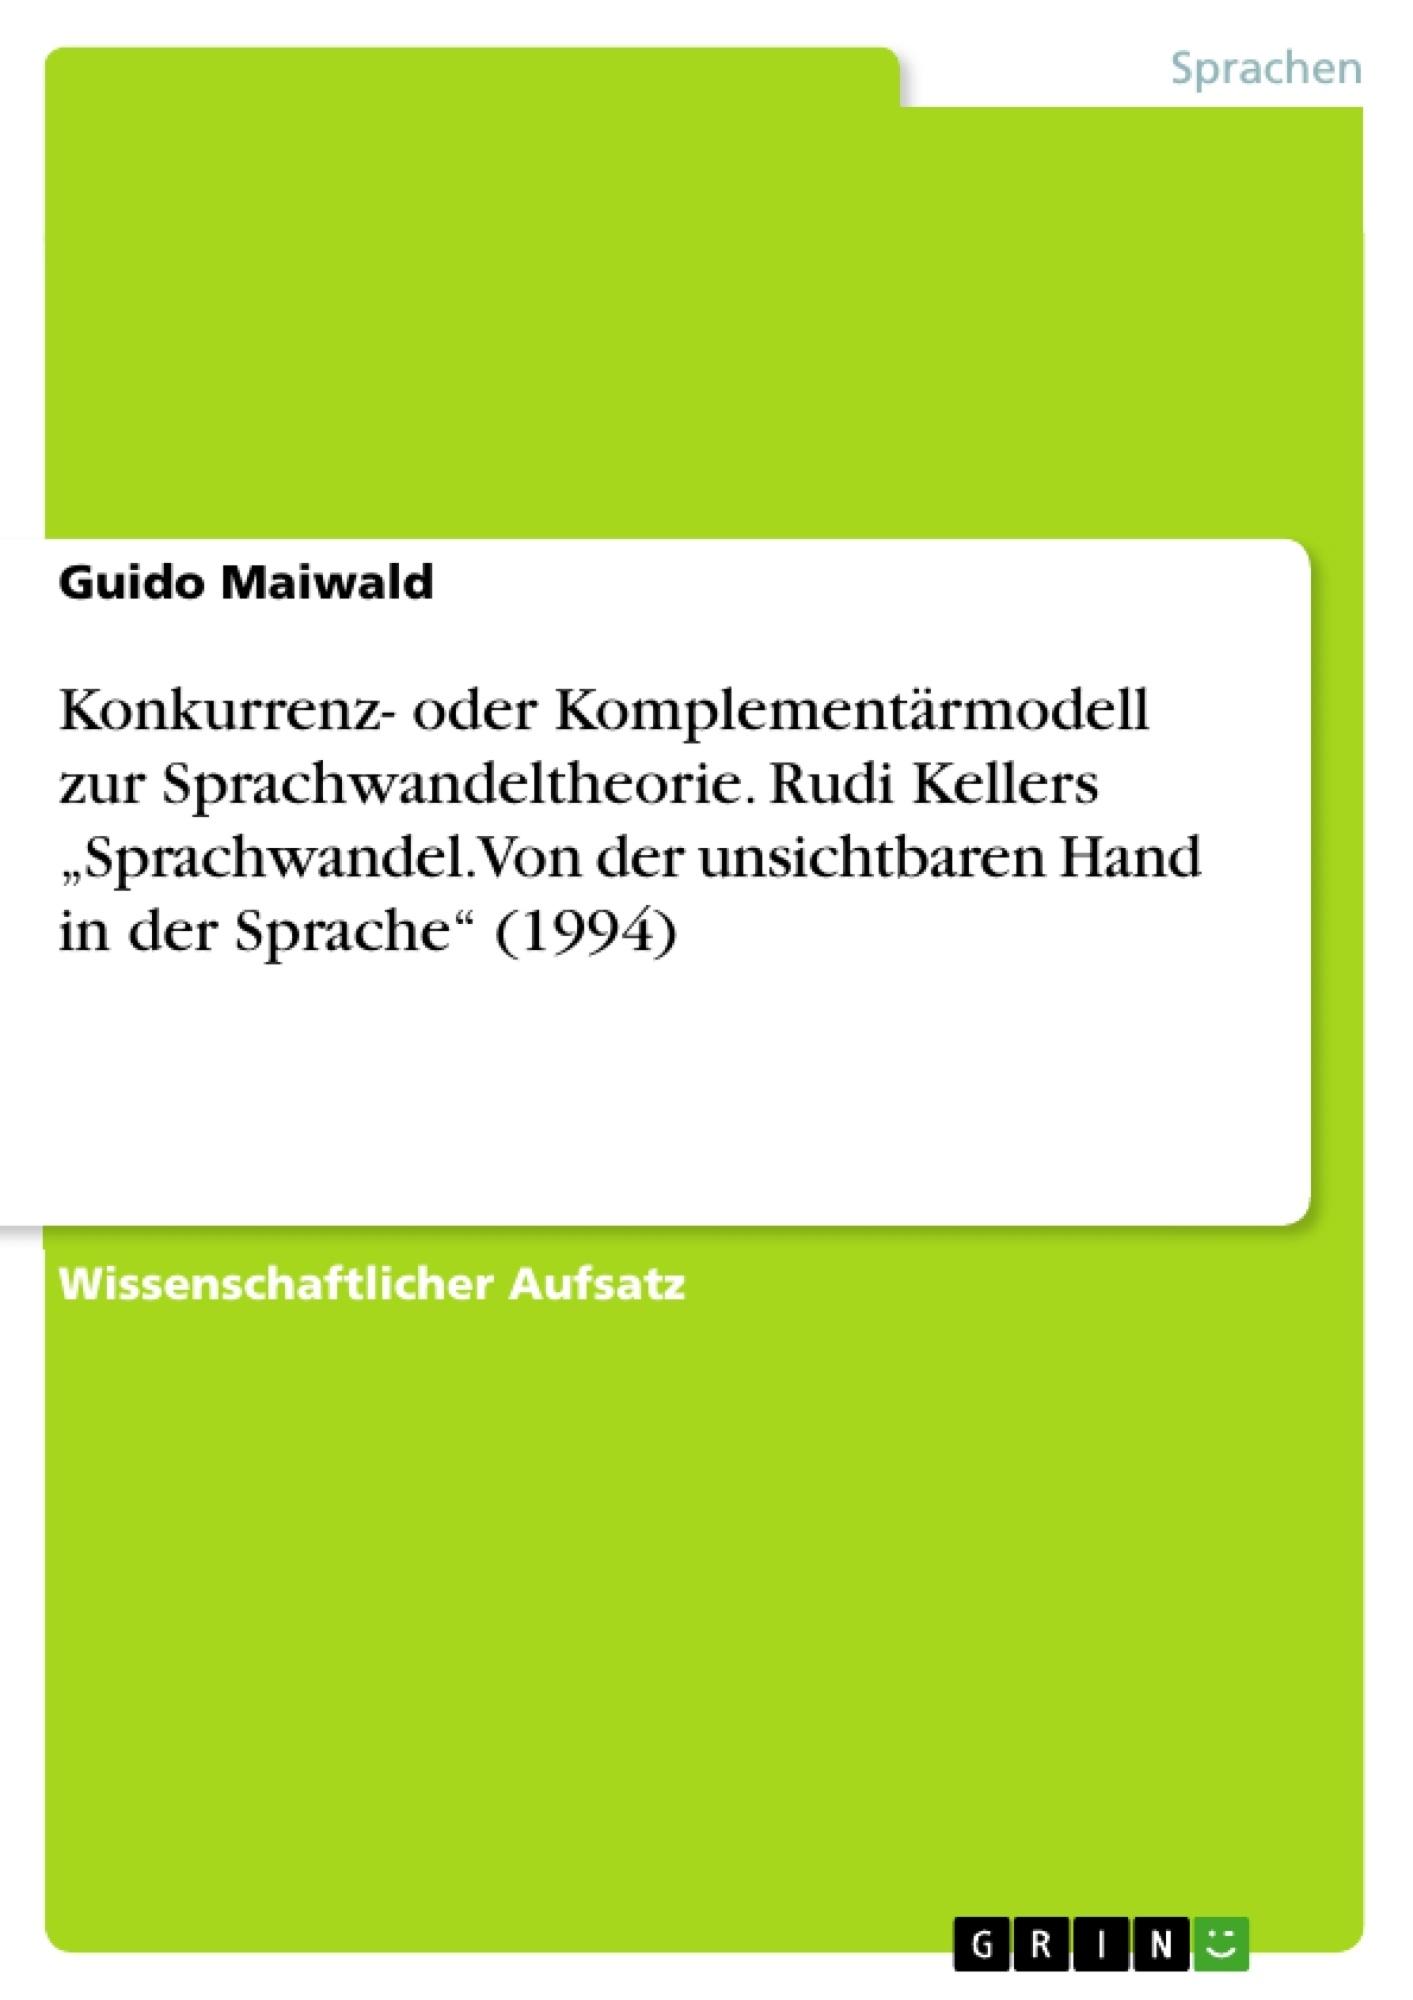 """Titel: Konkurrenz- oder Komplementärmodell zur Sprachwandeltheorie. Rudi Kellers """"Sprachwandel. Von der unsichtbaren Hand in der Sprache"""" (1994)"""